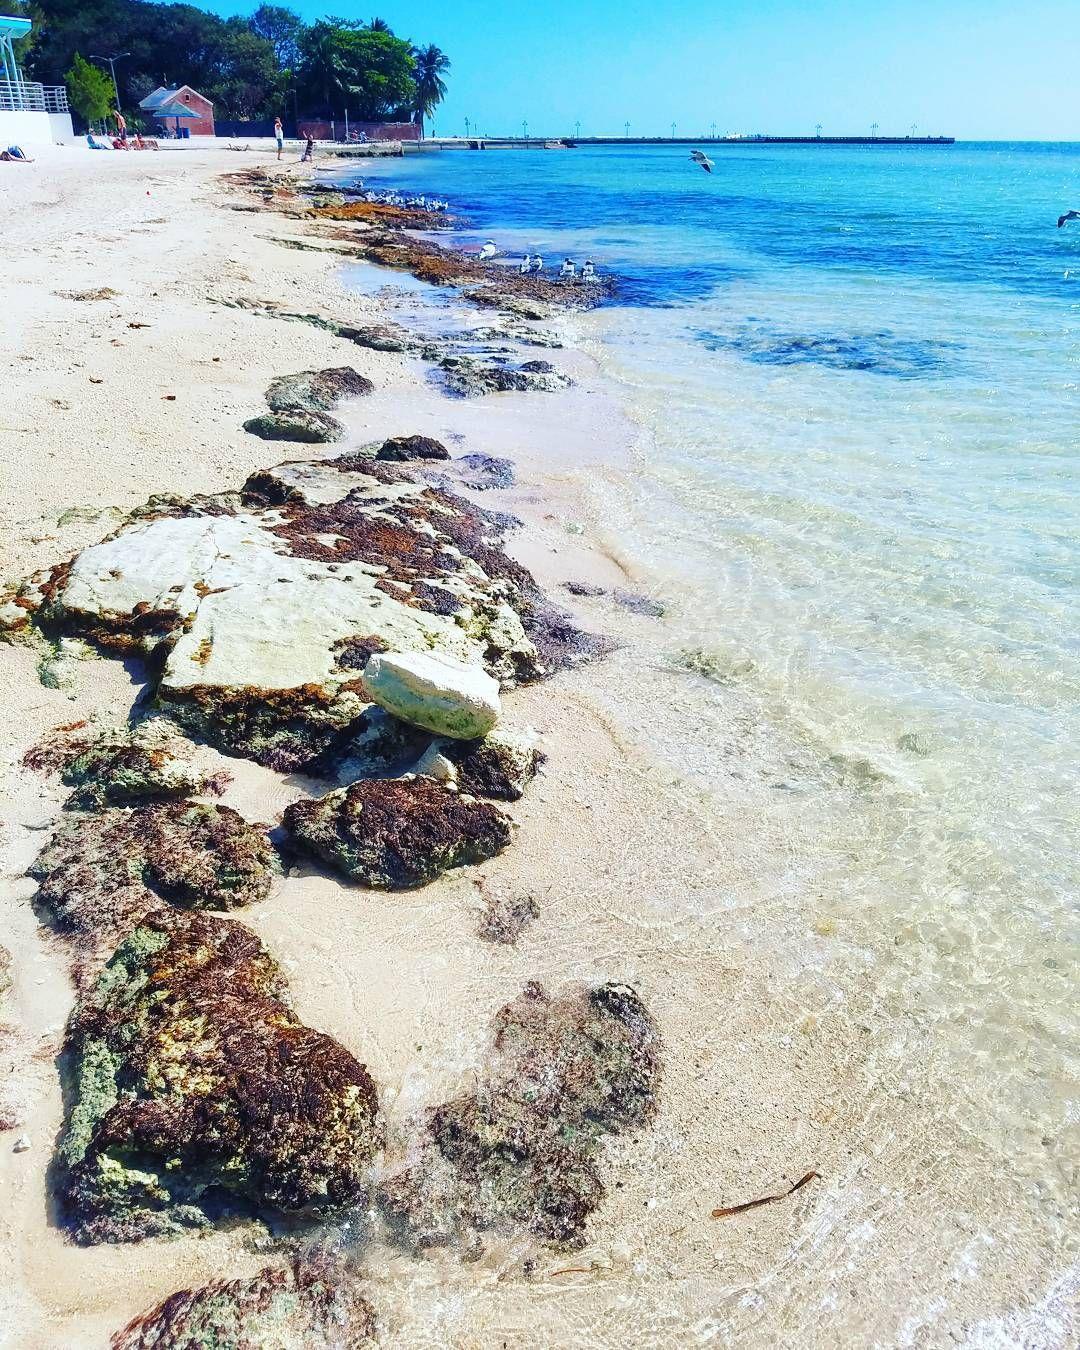 Ei voi oikeasti kaivata lämpöön kun kotona Coloradossakin on tänään melkein hellettä... mutta Floridan hiekkarannat ja meri täältä puuttuu! Mietin jo milloin seuraavaksi pääsisi Meksikonlahden rannoille.  (via Instagram)